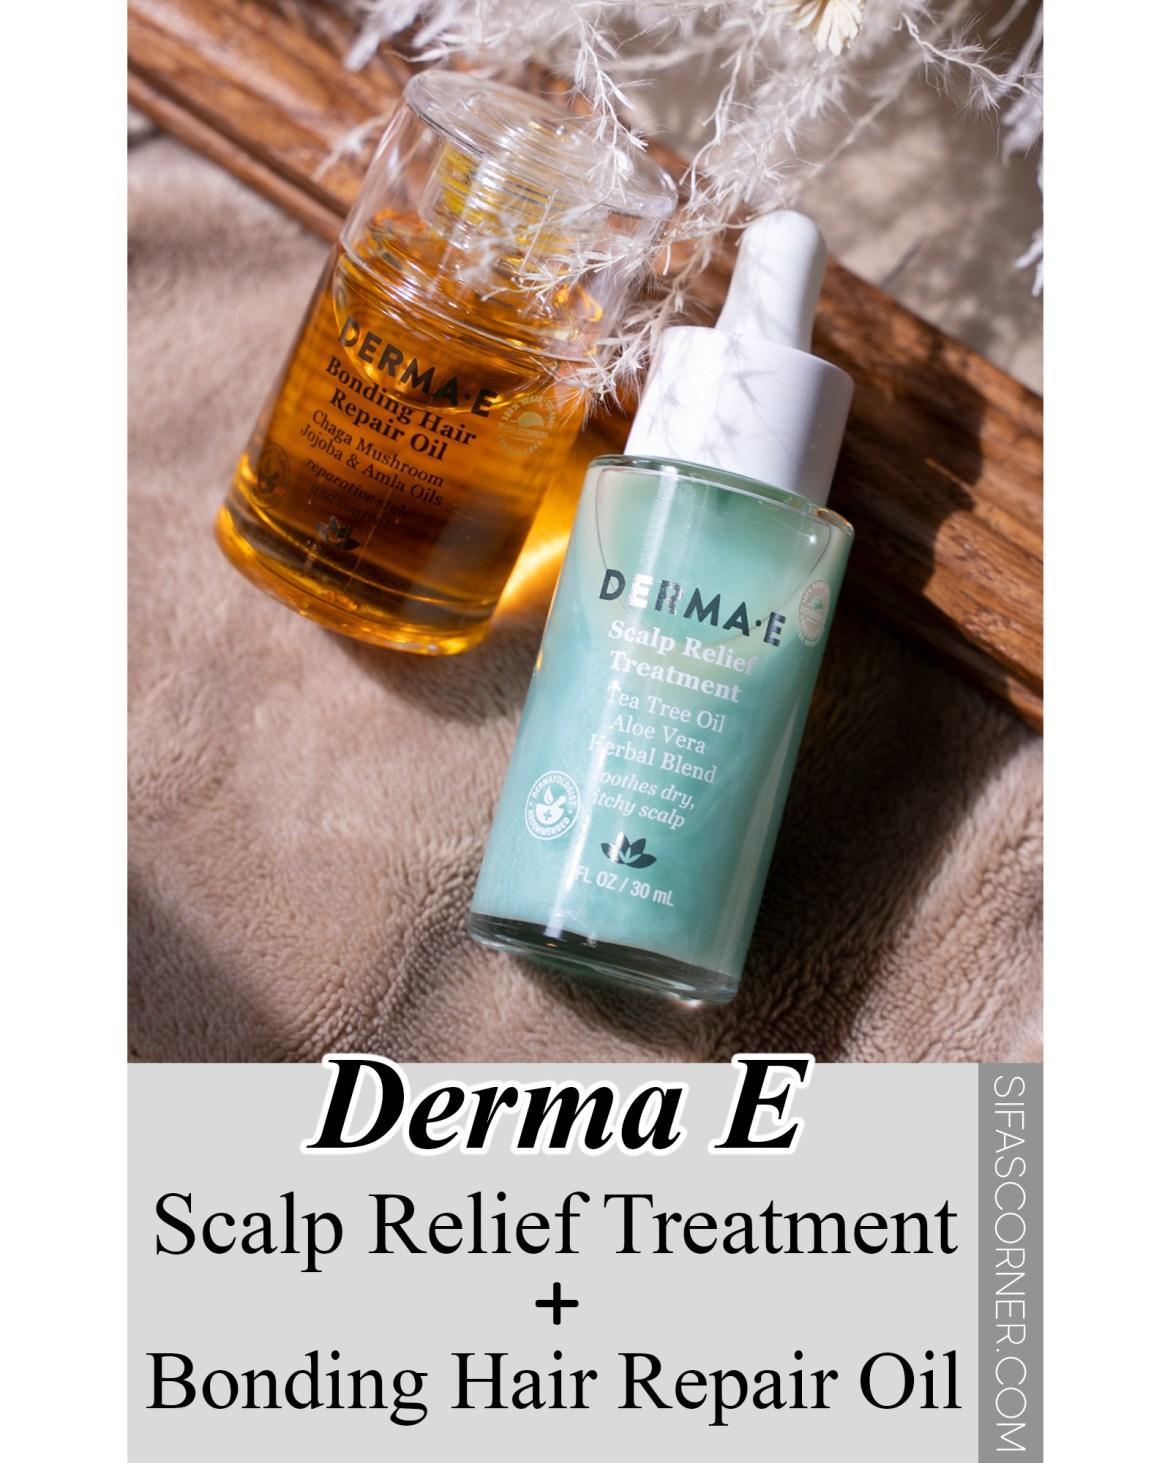 Derma E Scalp Relief Treatment & Hair Repair Oil